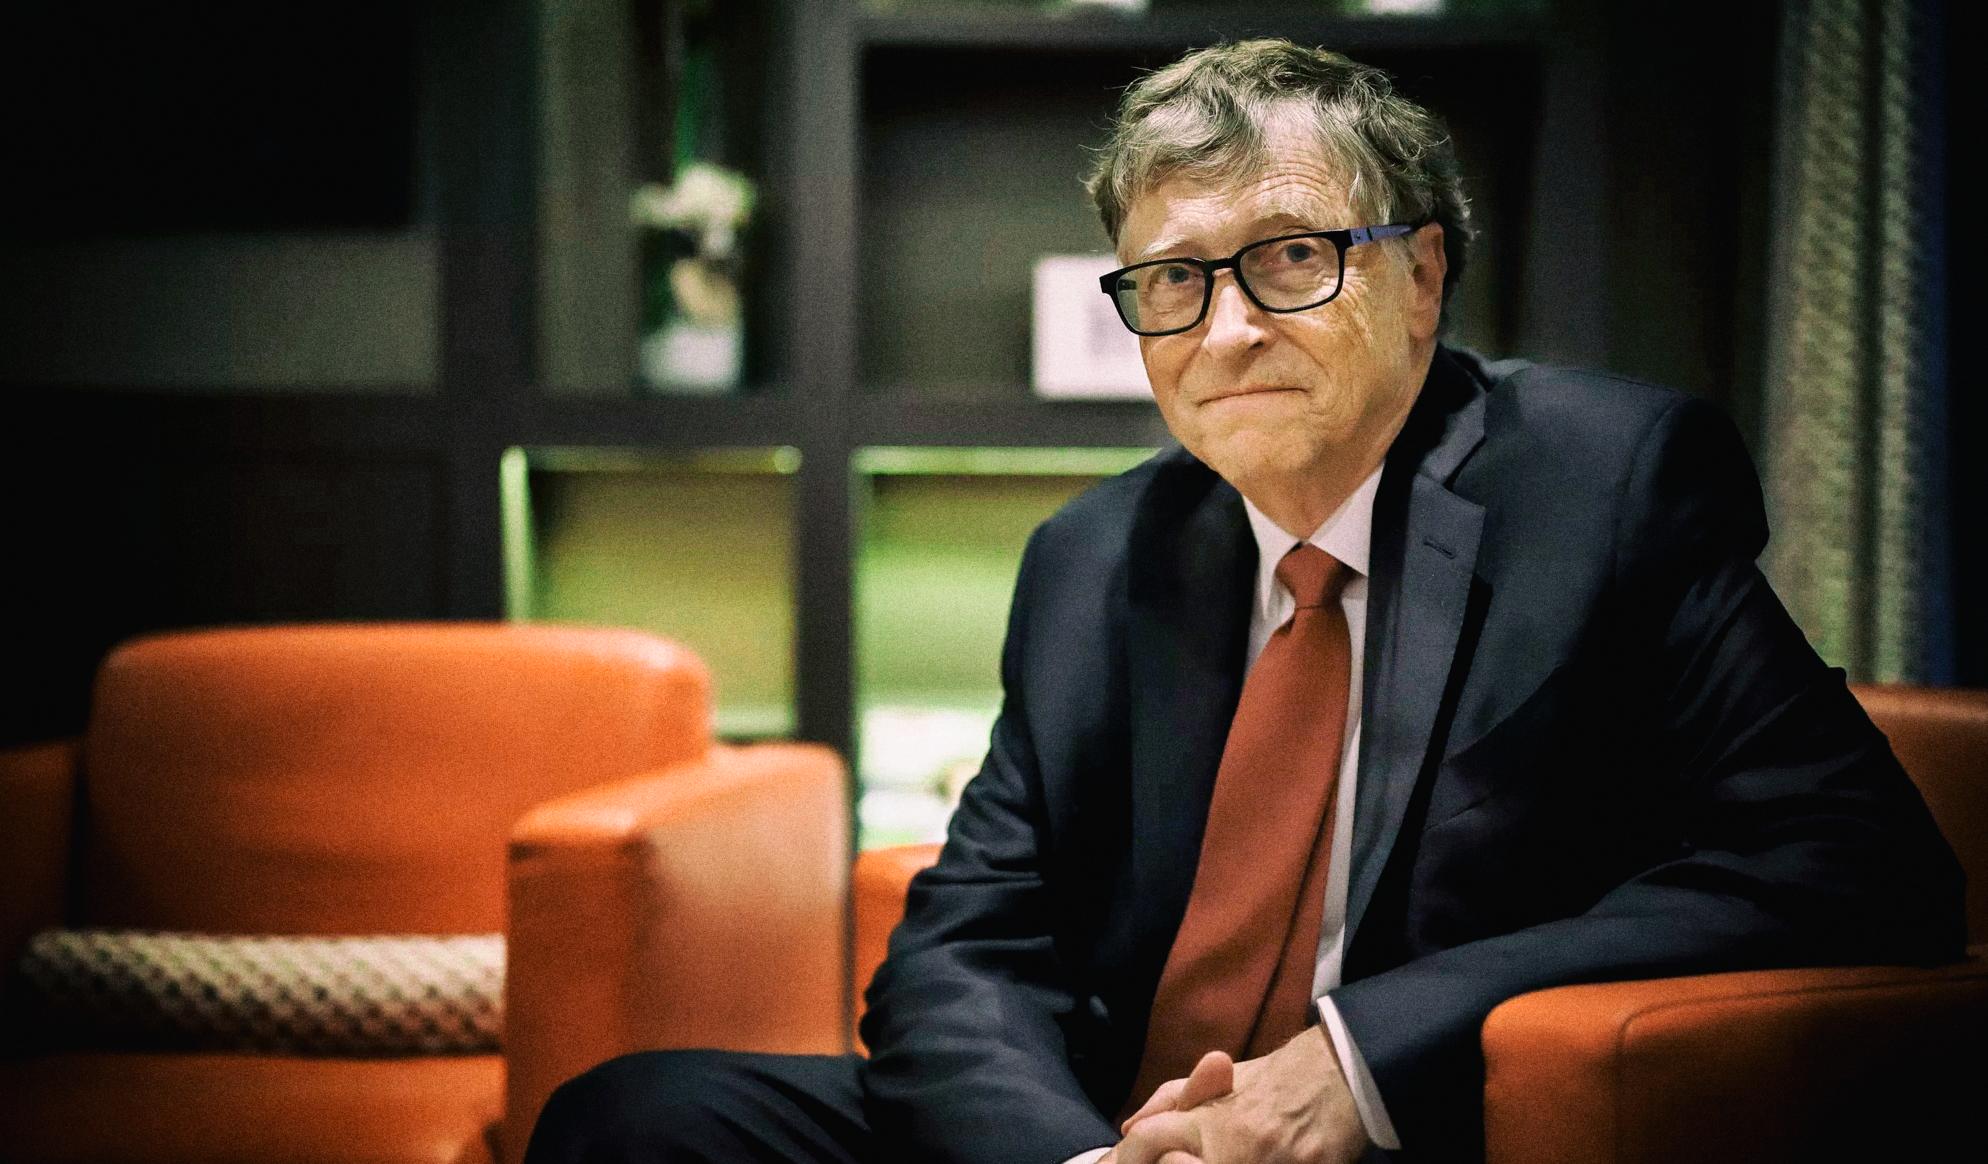 Билл Гейтс рассказал, каким он видит мир после коронавируса